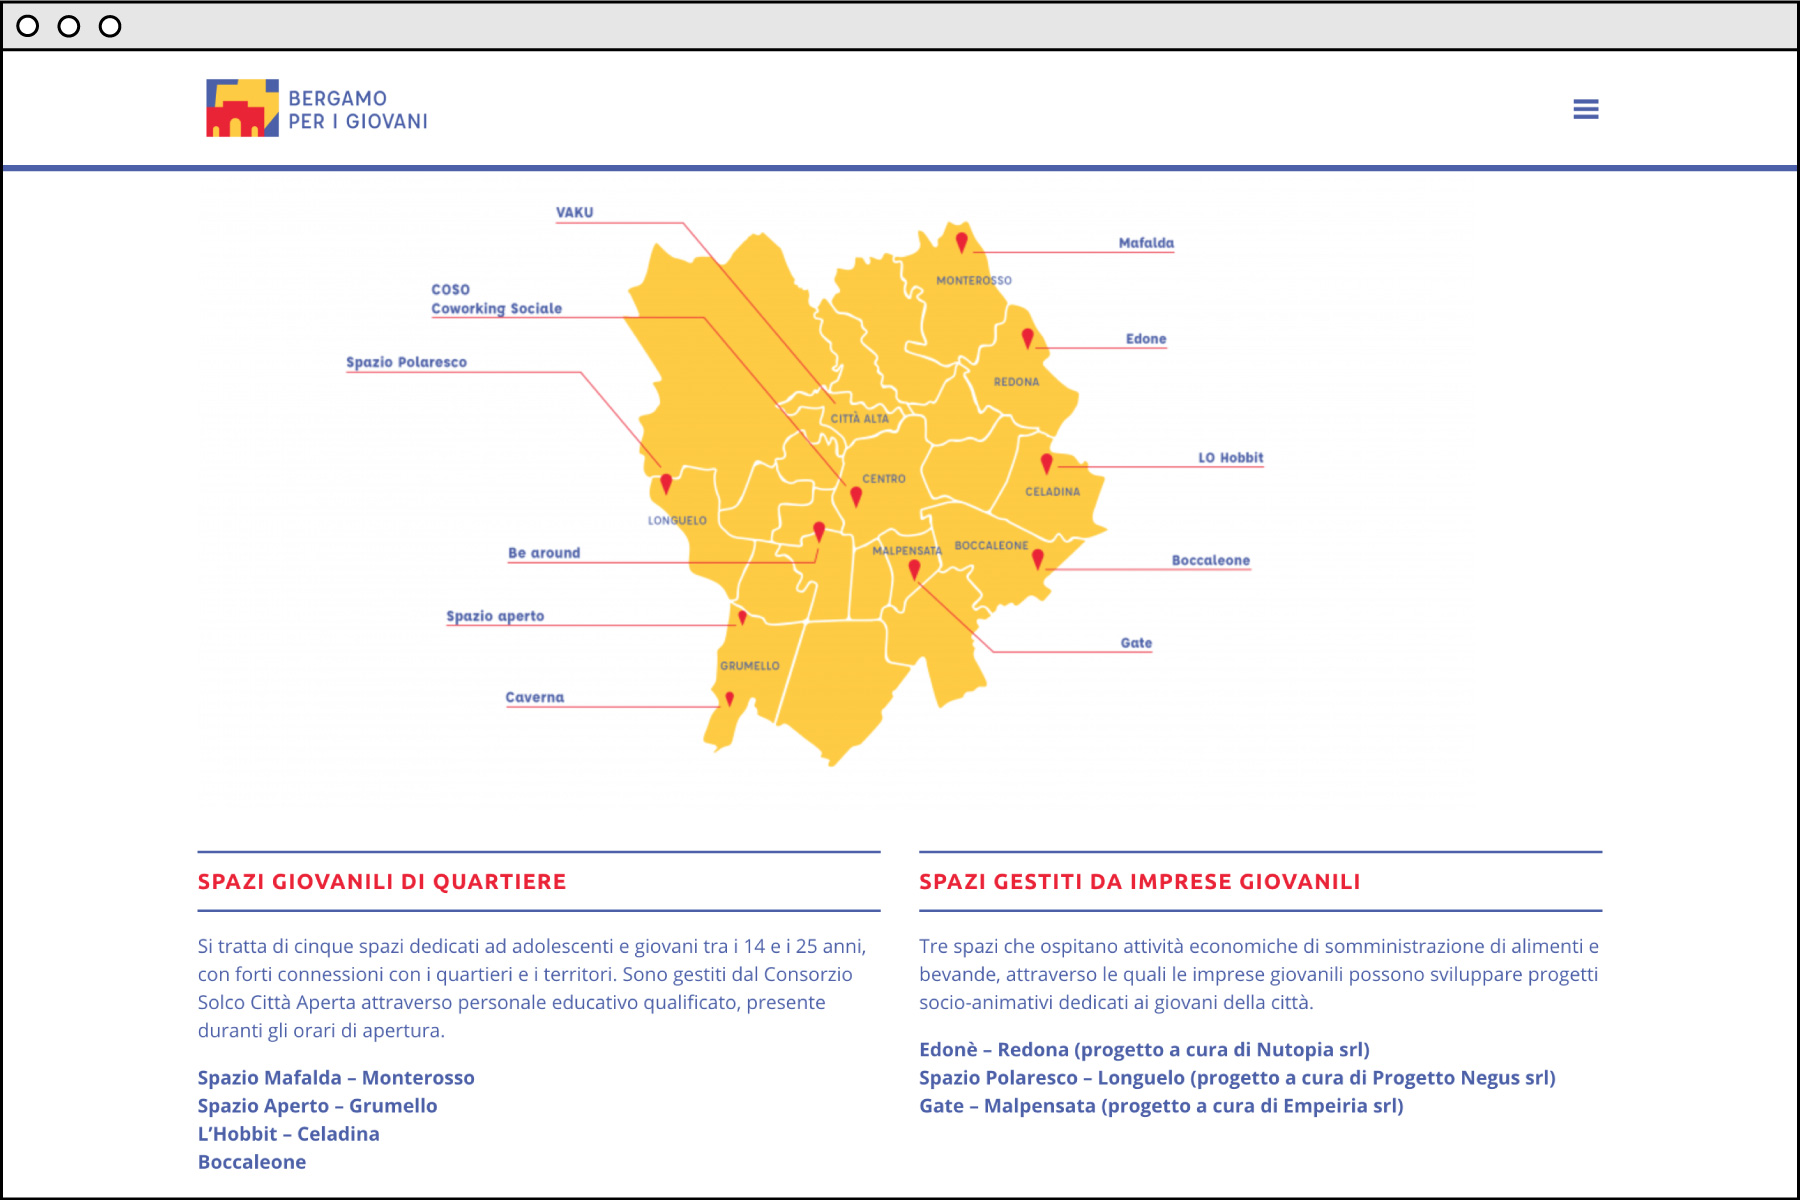 Bergamo per i Giovani sito web